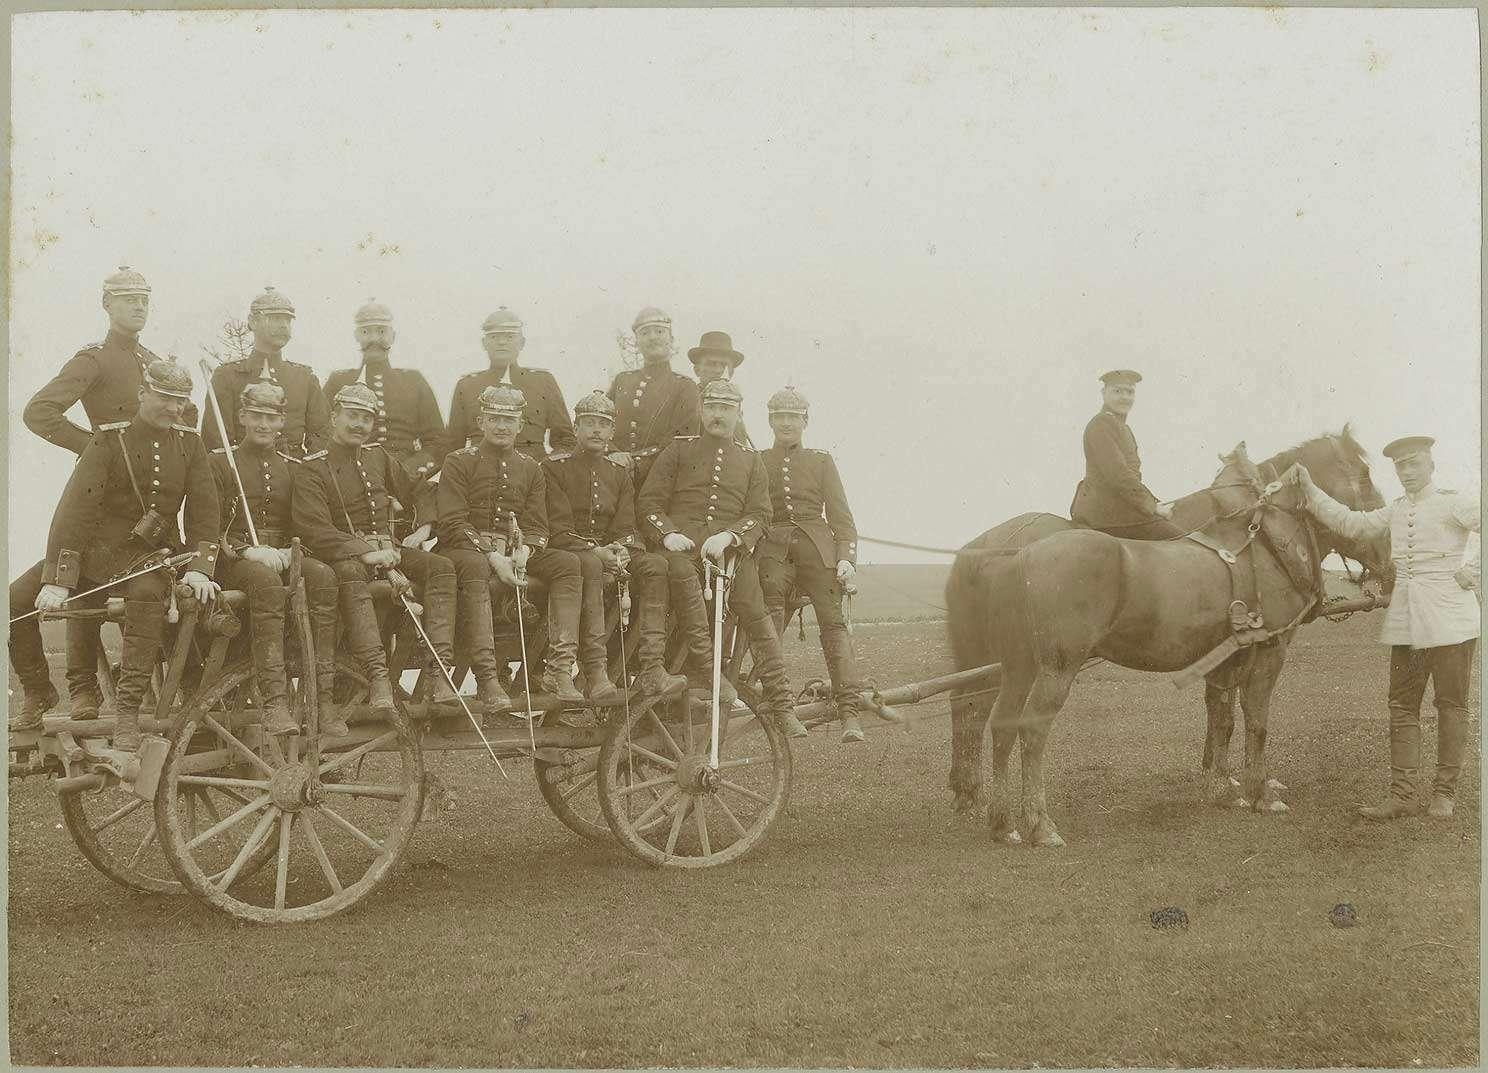 12 Soldaten in Uniform und Pickelhaube, ein Zivilist mit Hut auf Pferdefuhrwerk teils stehend, teils sitzend auf Truppenübungsplatz bei Münsingen, Bild 1